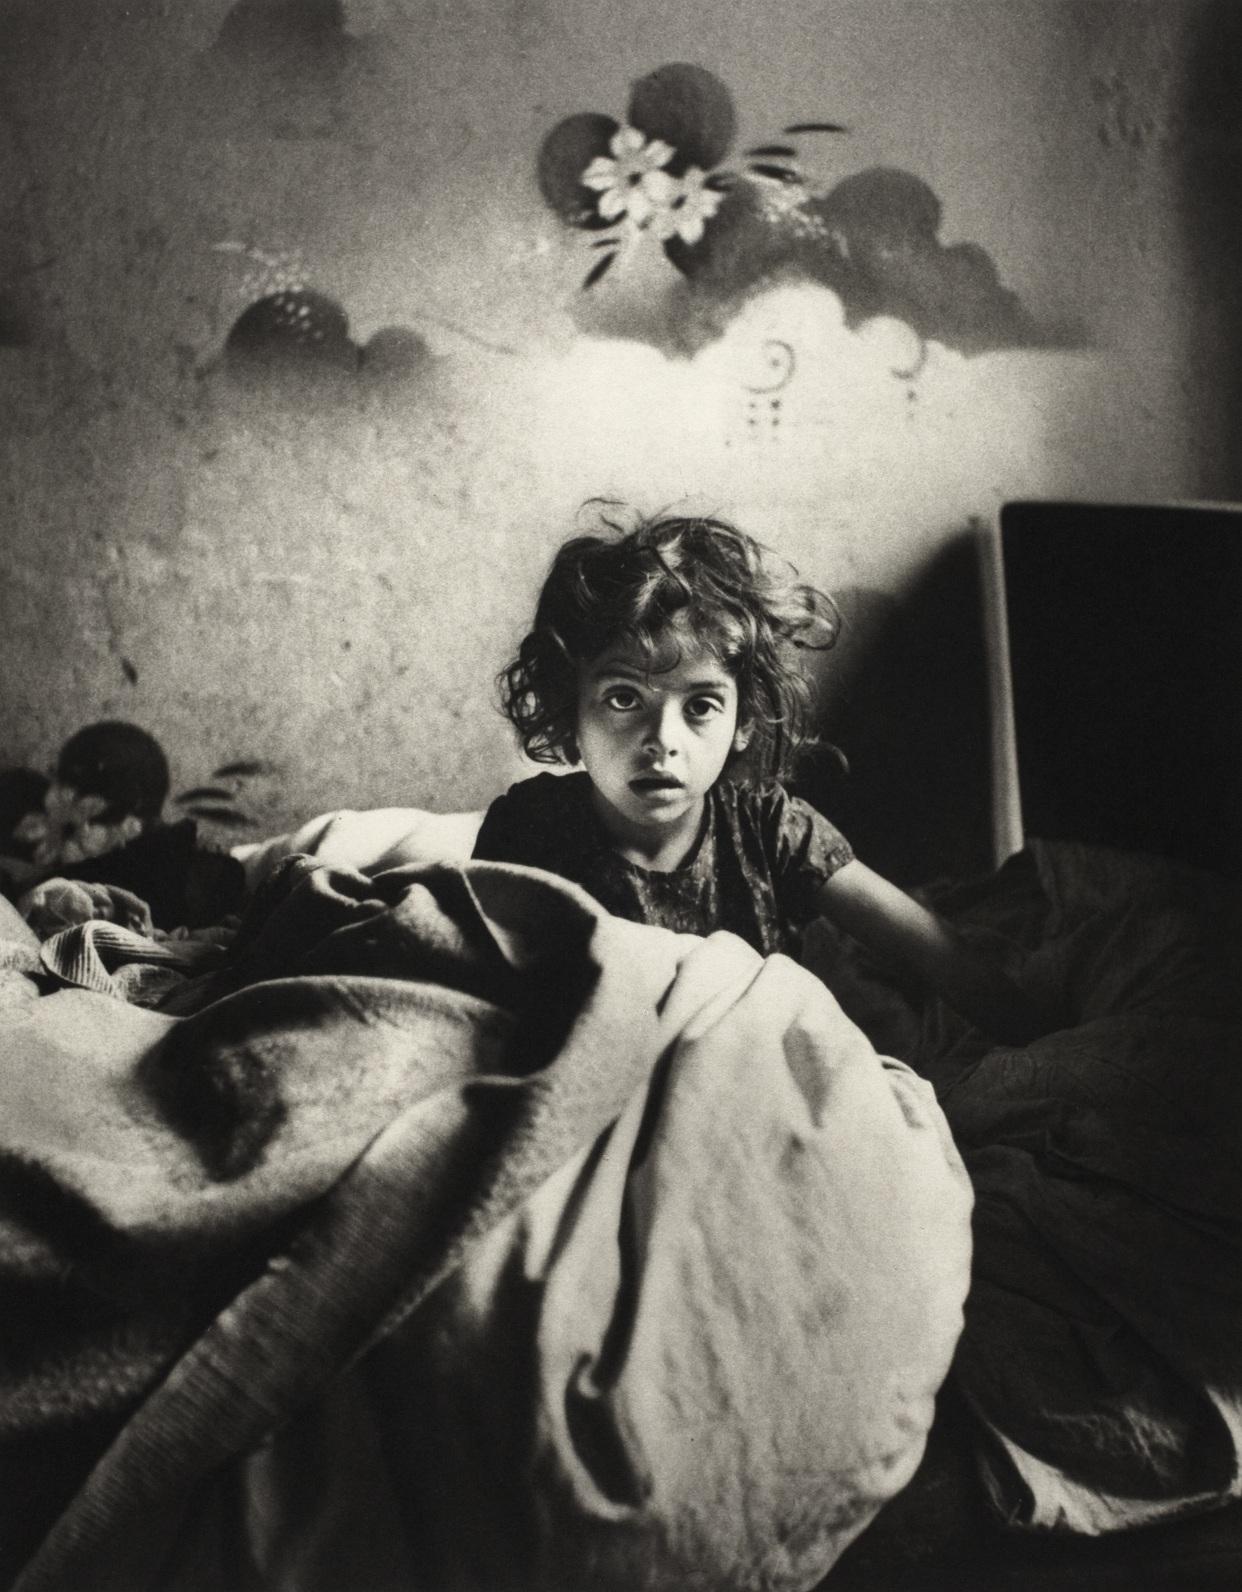 Sara, siedząca w łóżku w mieszkaniu w suterenie, z malowanymi szablonem kwiatami nad głową, Warszawa], ok. 1935-1937 (fot. Mara Vishniac Kohn, dzięki uprzejmości International Center of Photography)